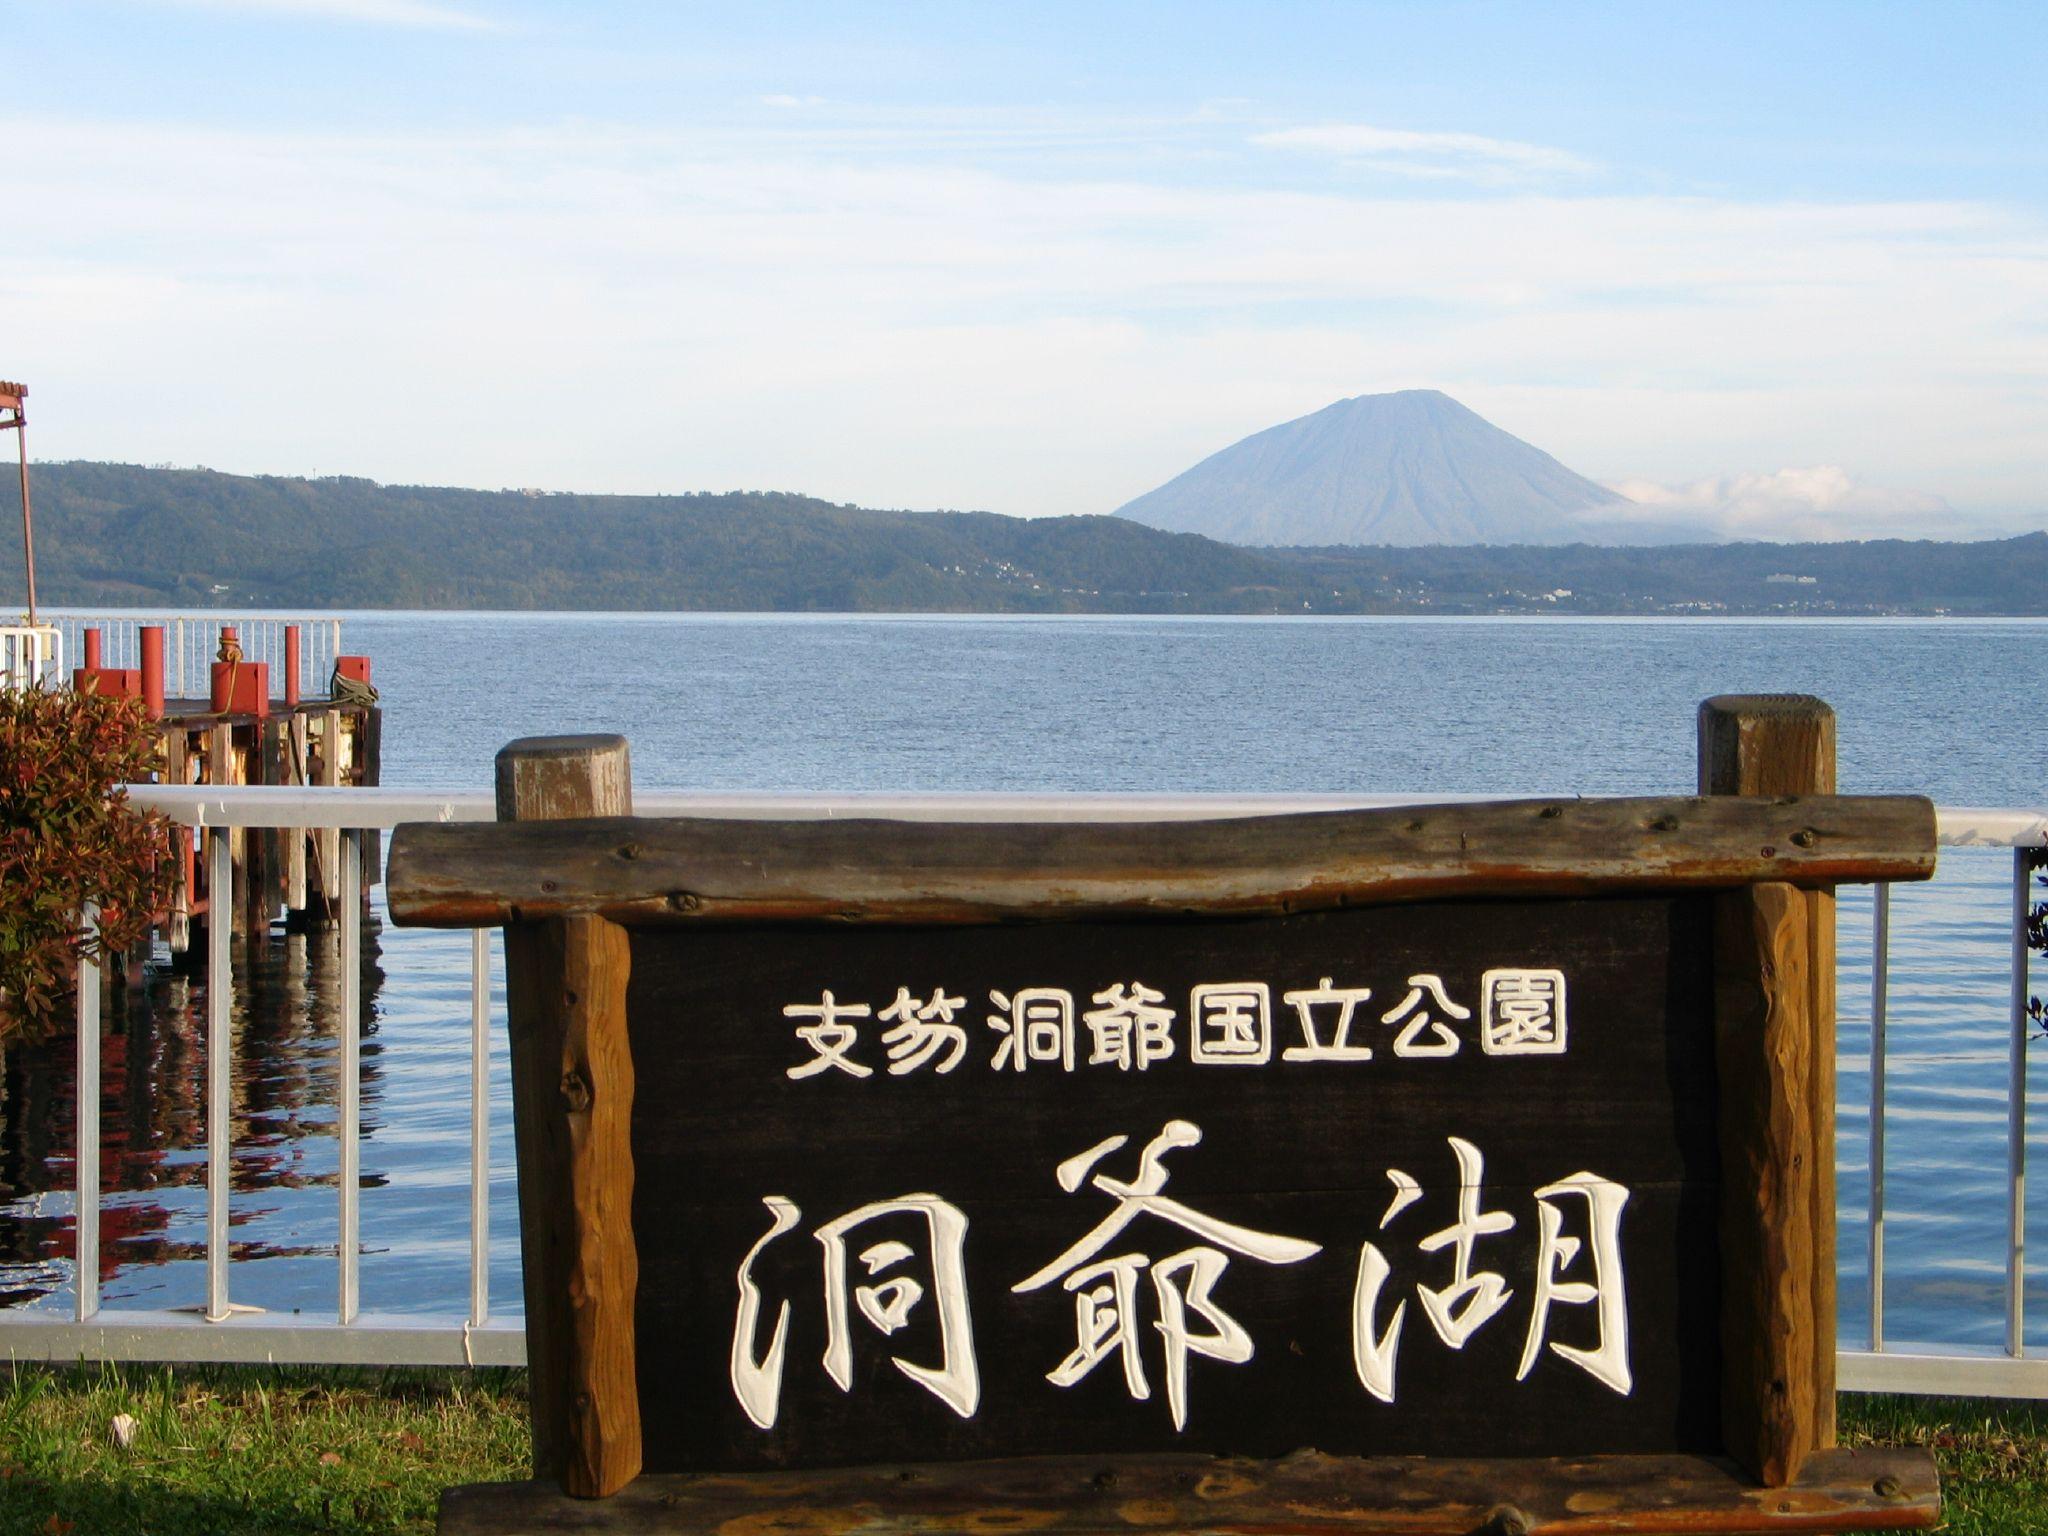 【 北海道溫泉 】踩點北海道必去的10大溫泉,來場奢華的溫泉之旅! - KLOOK部落格